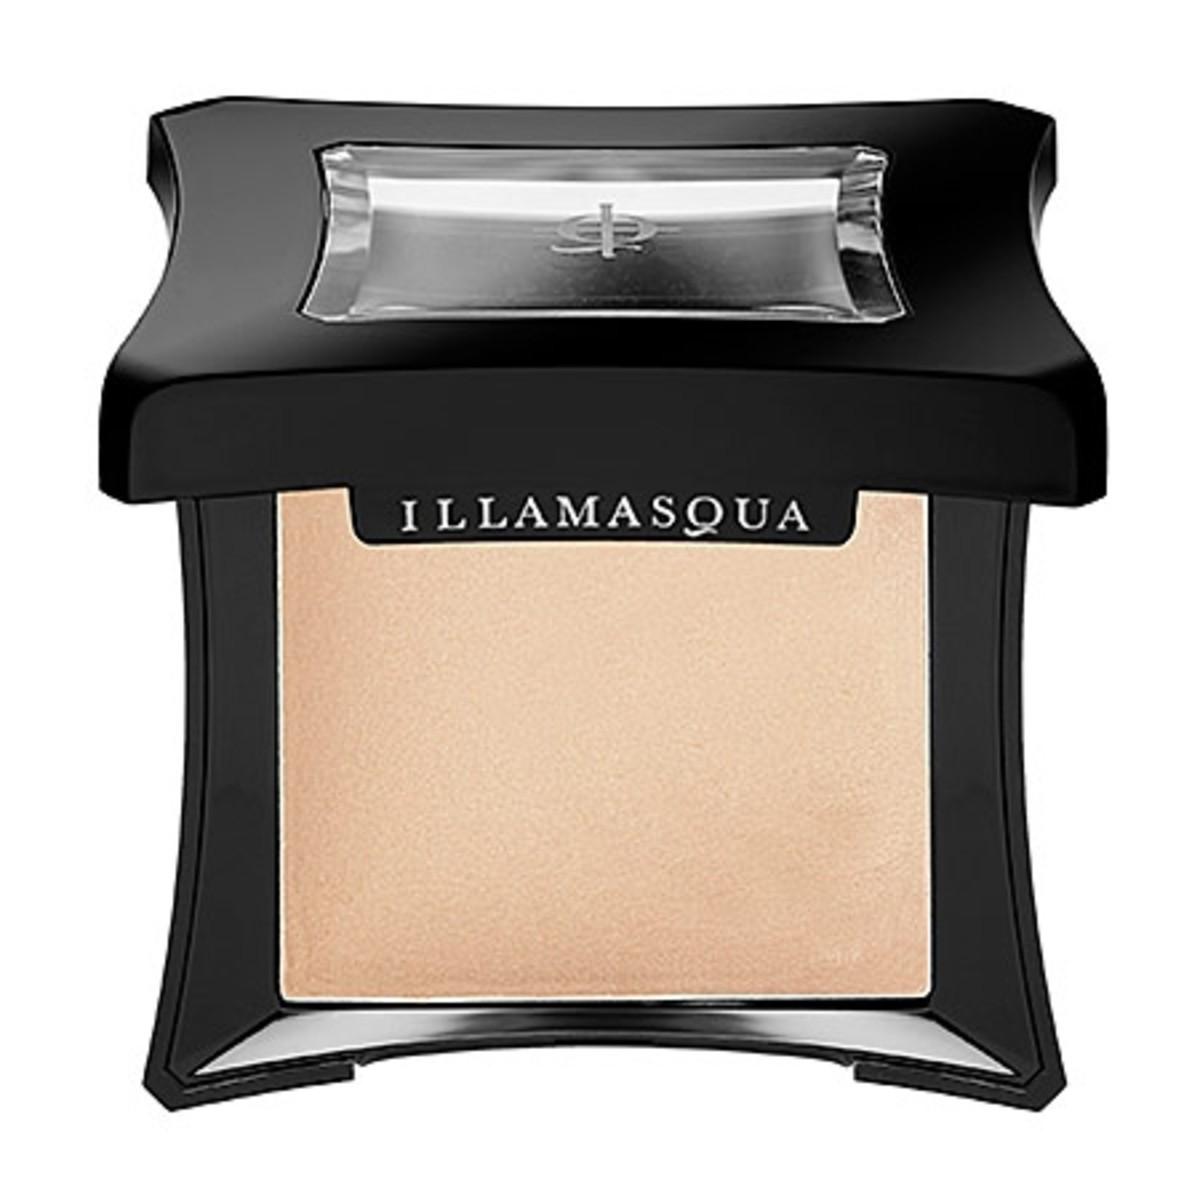 Illamasqua Gleam Cream in Aurora